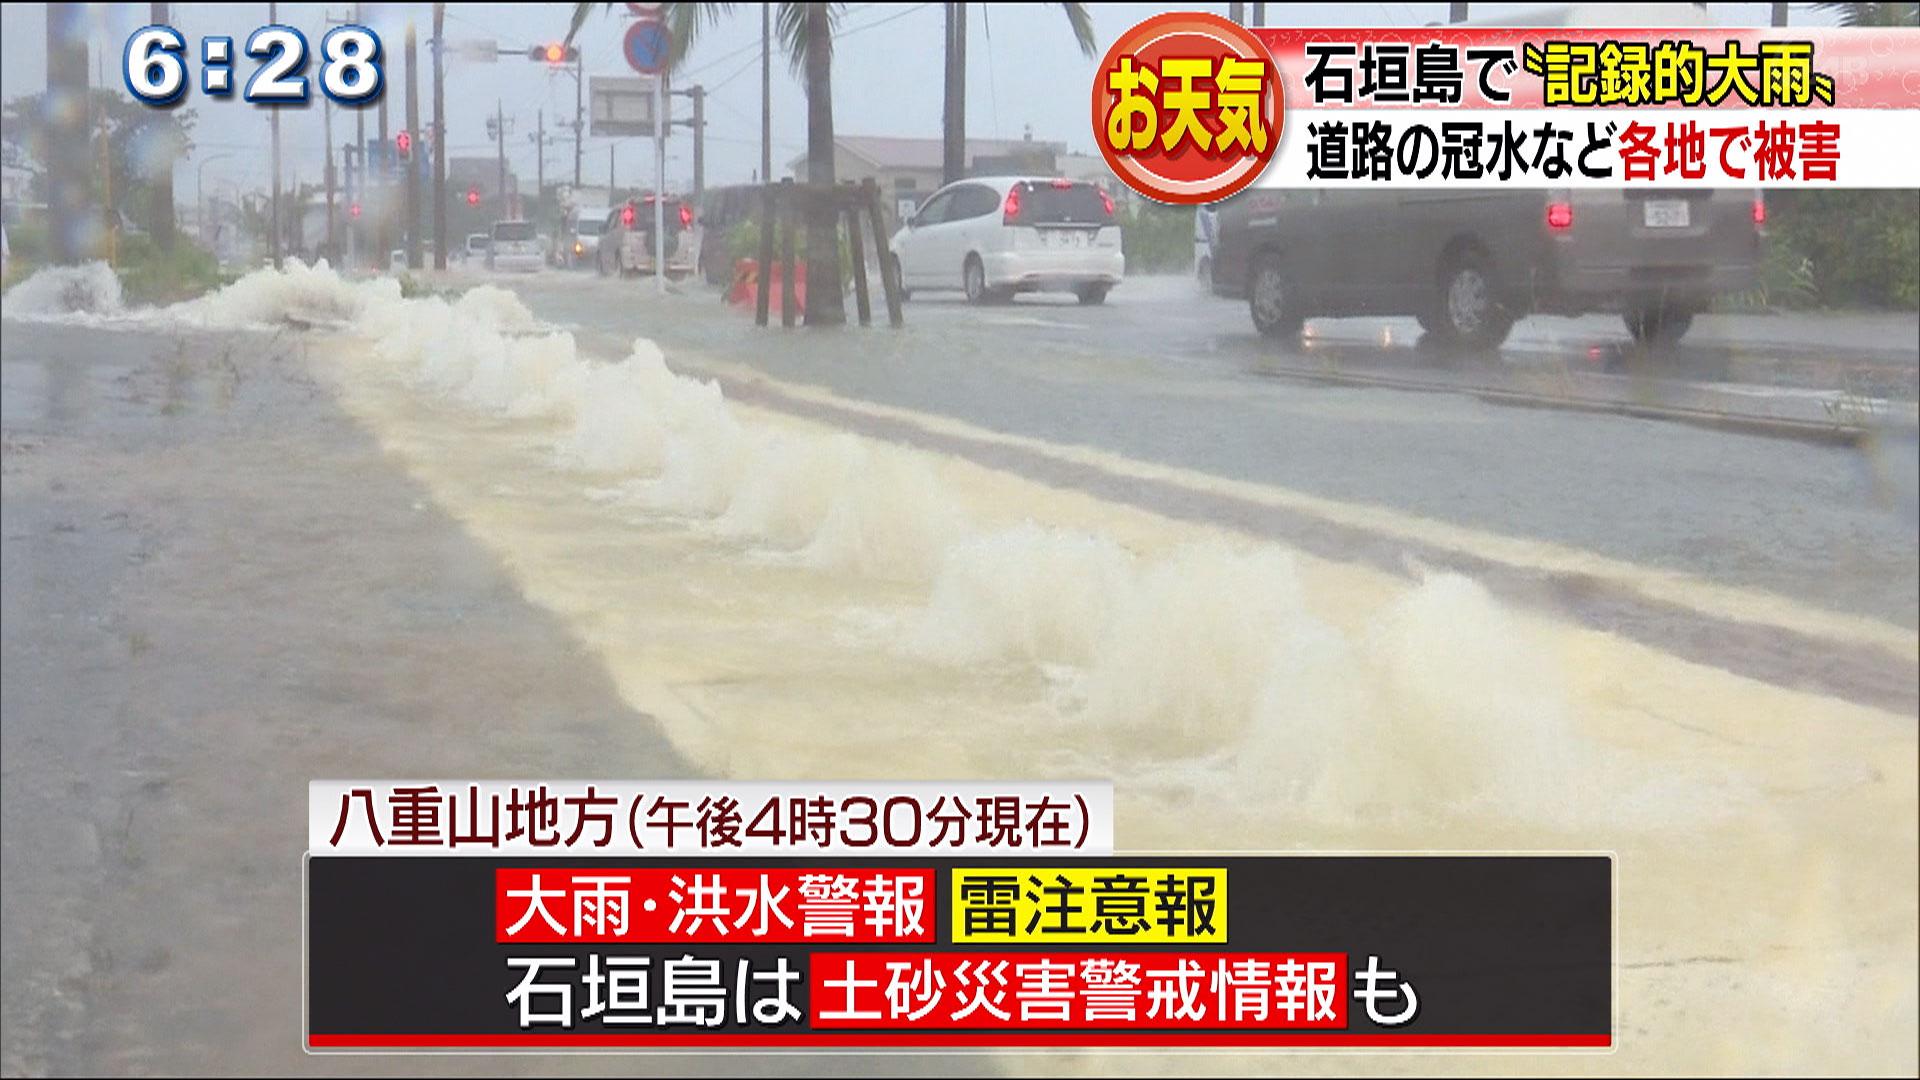 八重山地方で記録的大雨 各地で被害